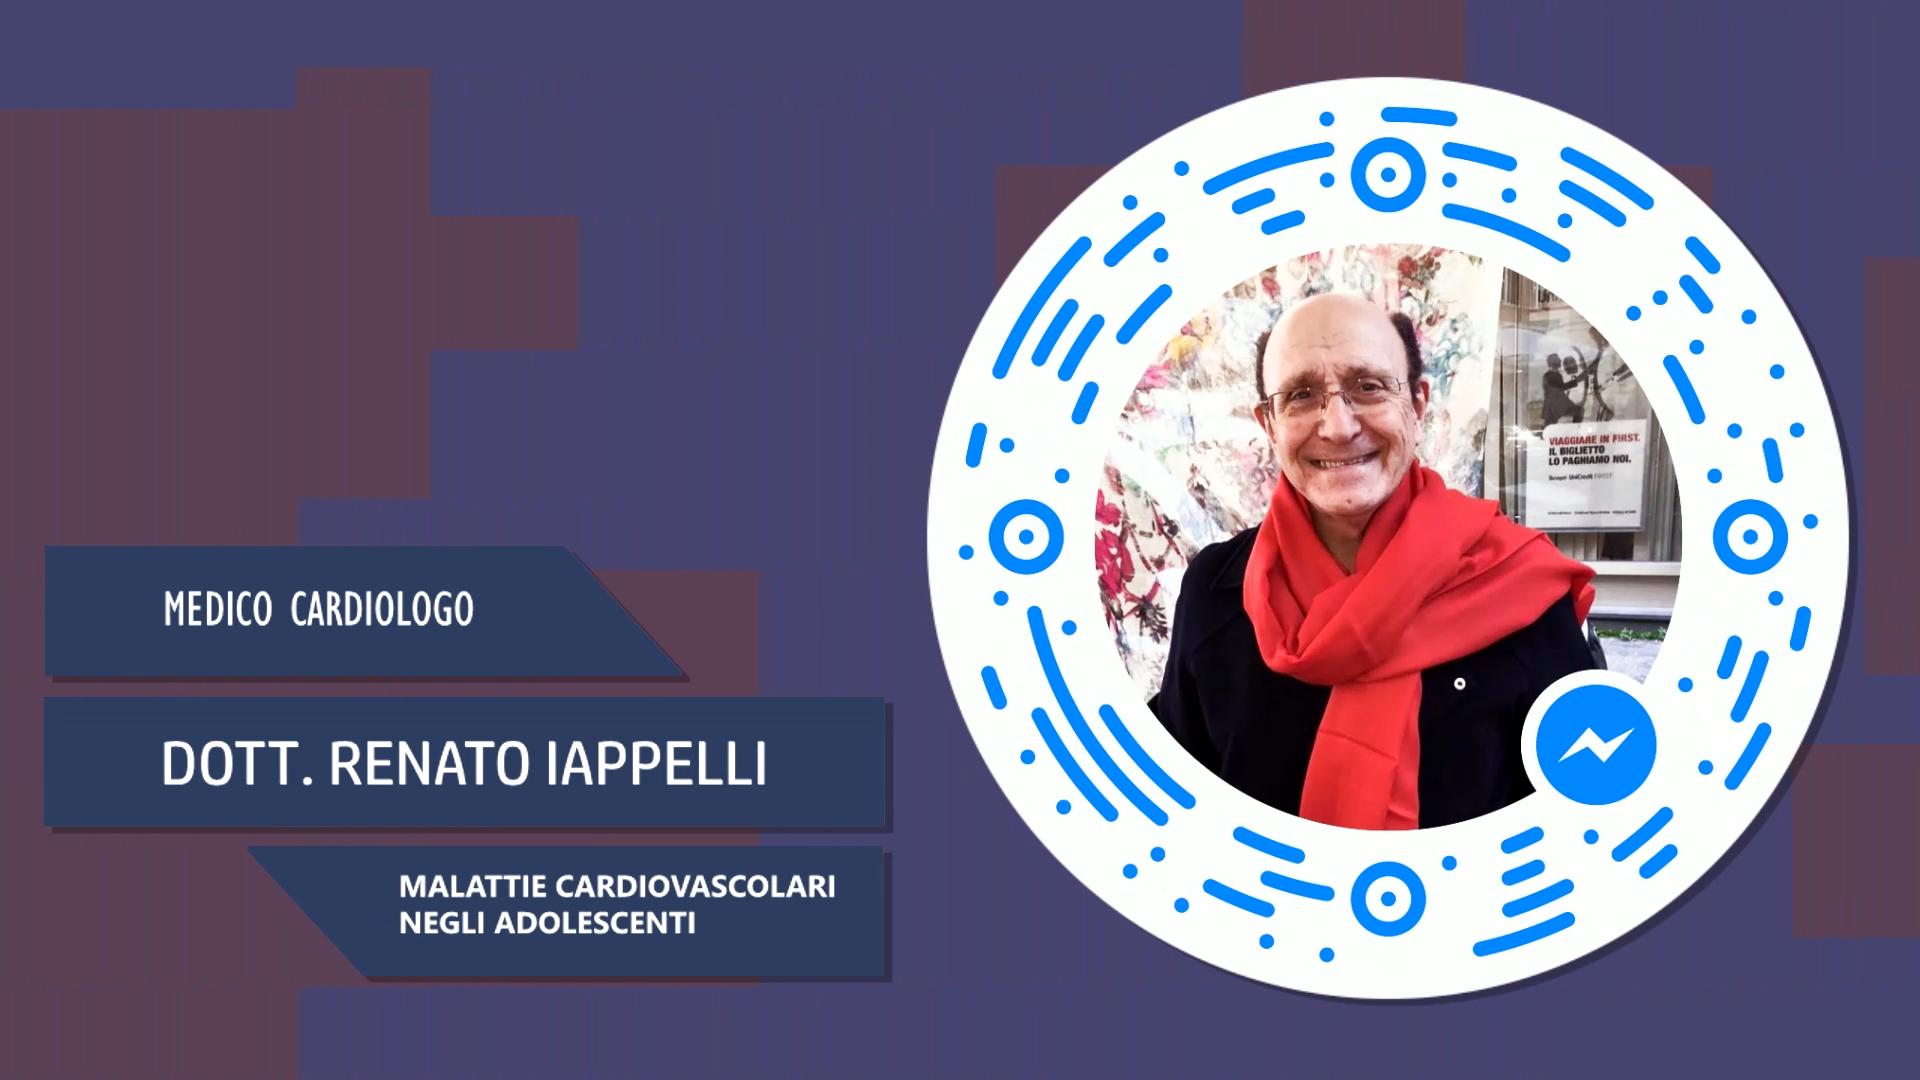 Dott. Renato Iappelli – Malattie Cardiovascolari negli adolescenti